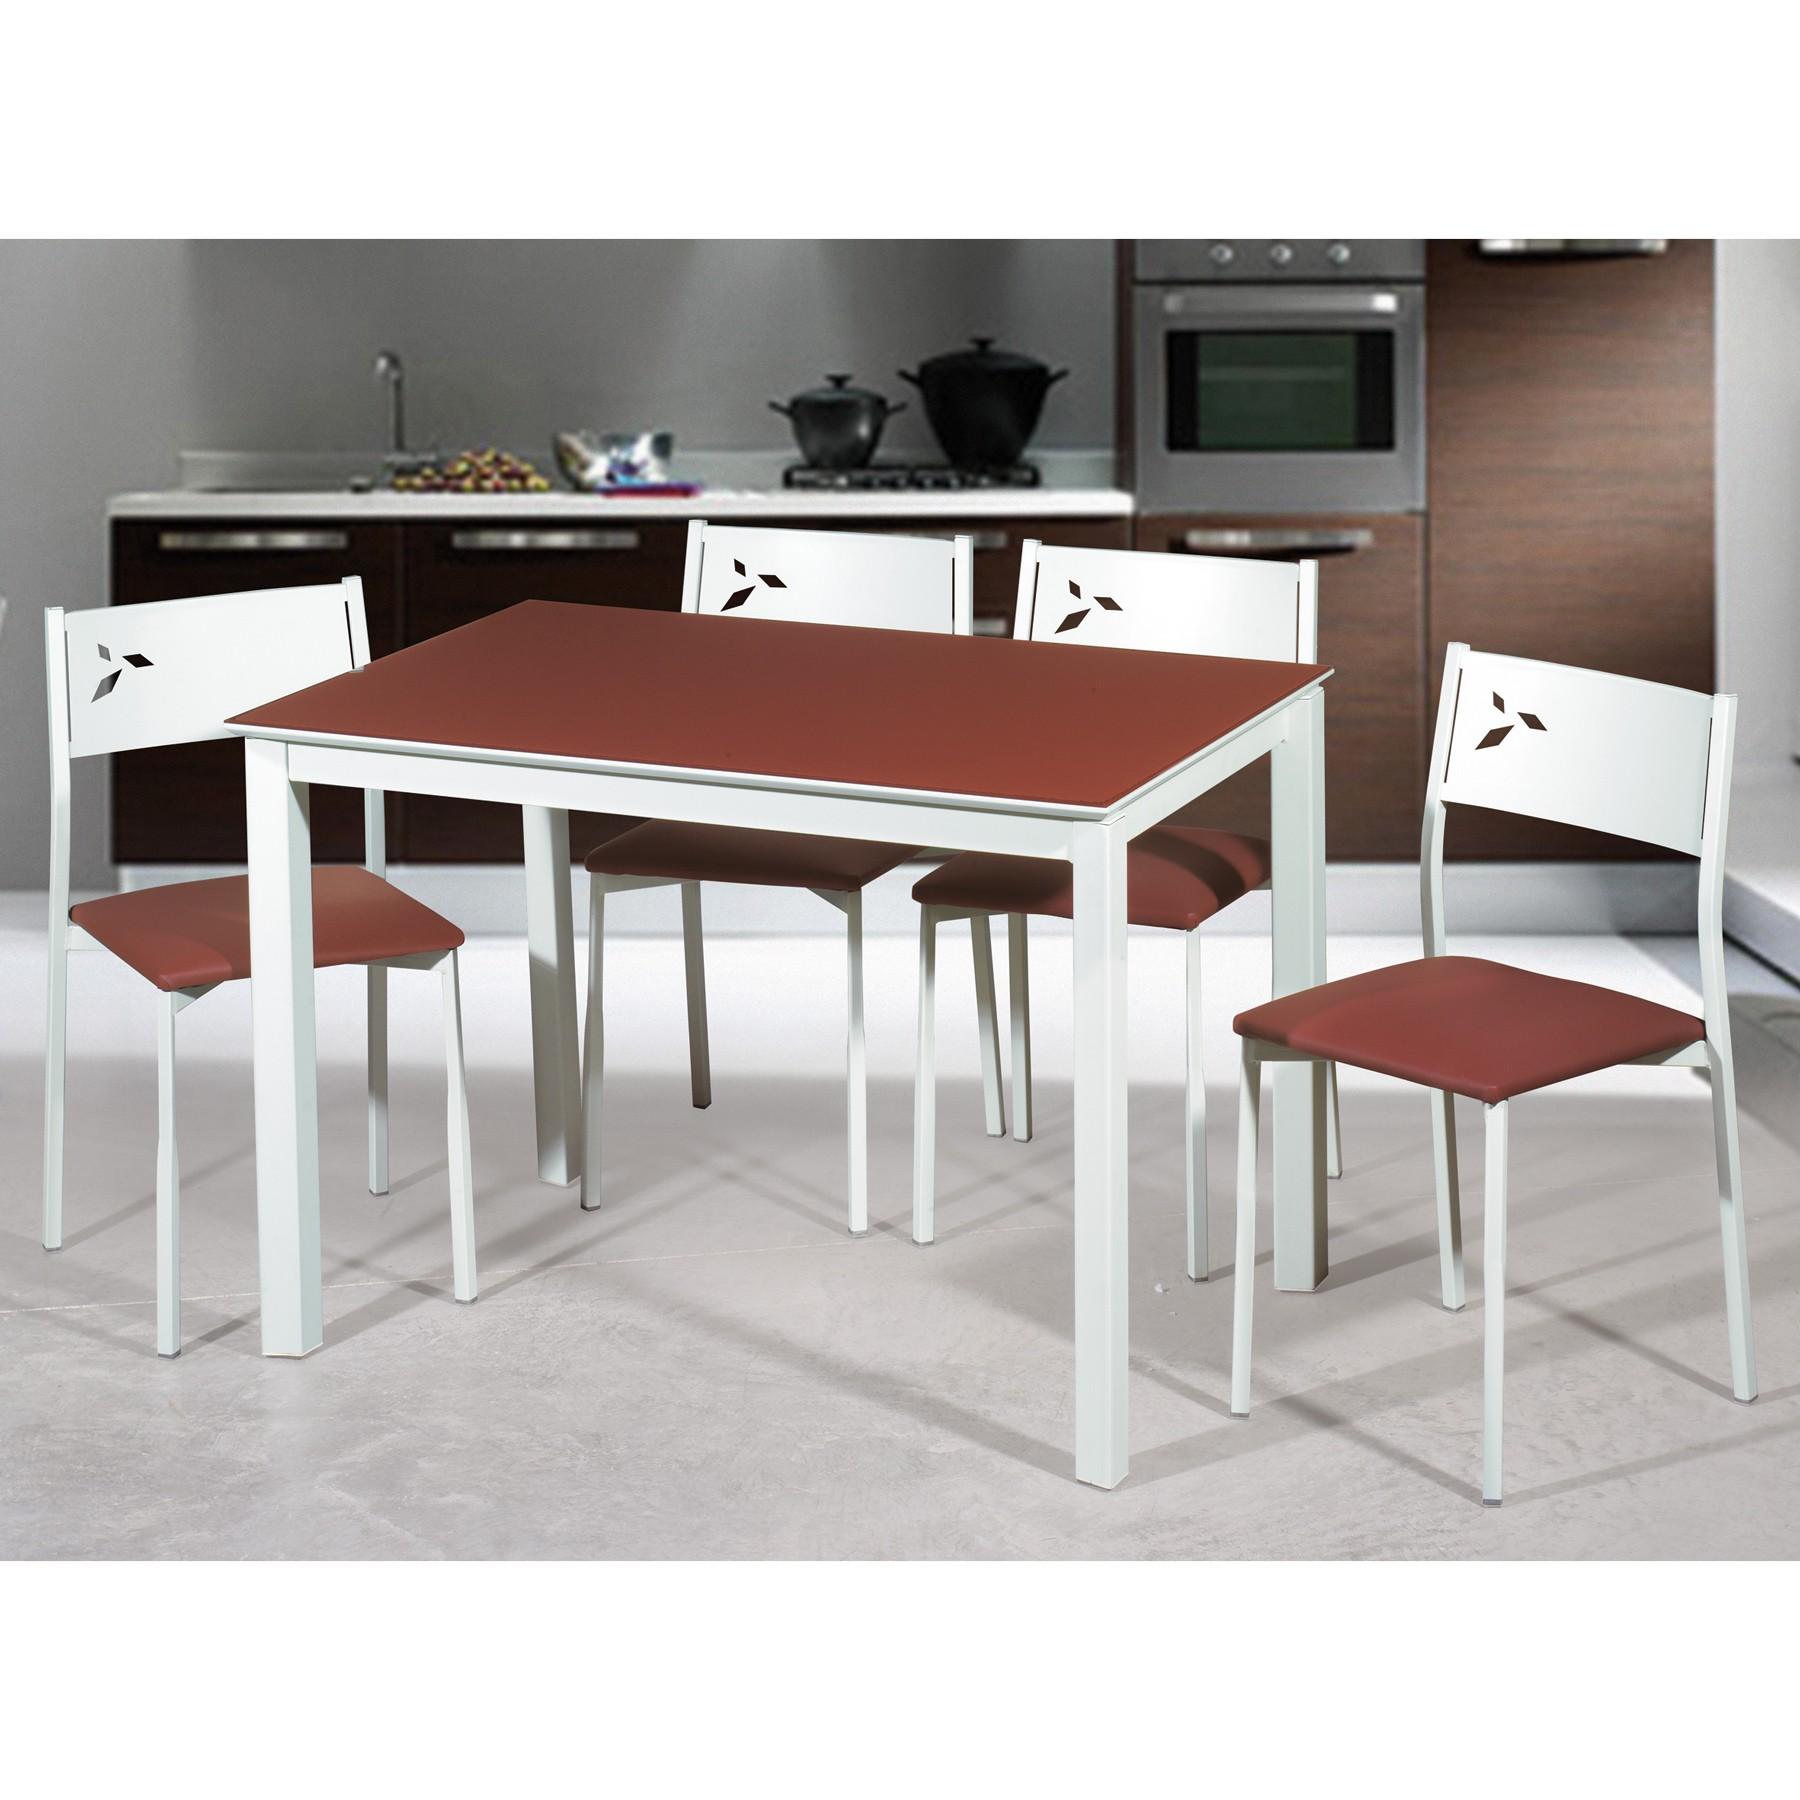 Mesa extensible cocina dise os arquitect nicos for Mesa blanca extensible